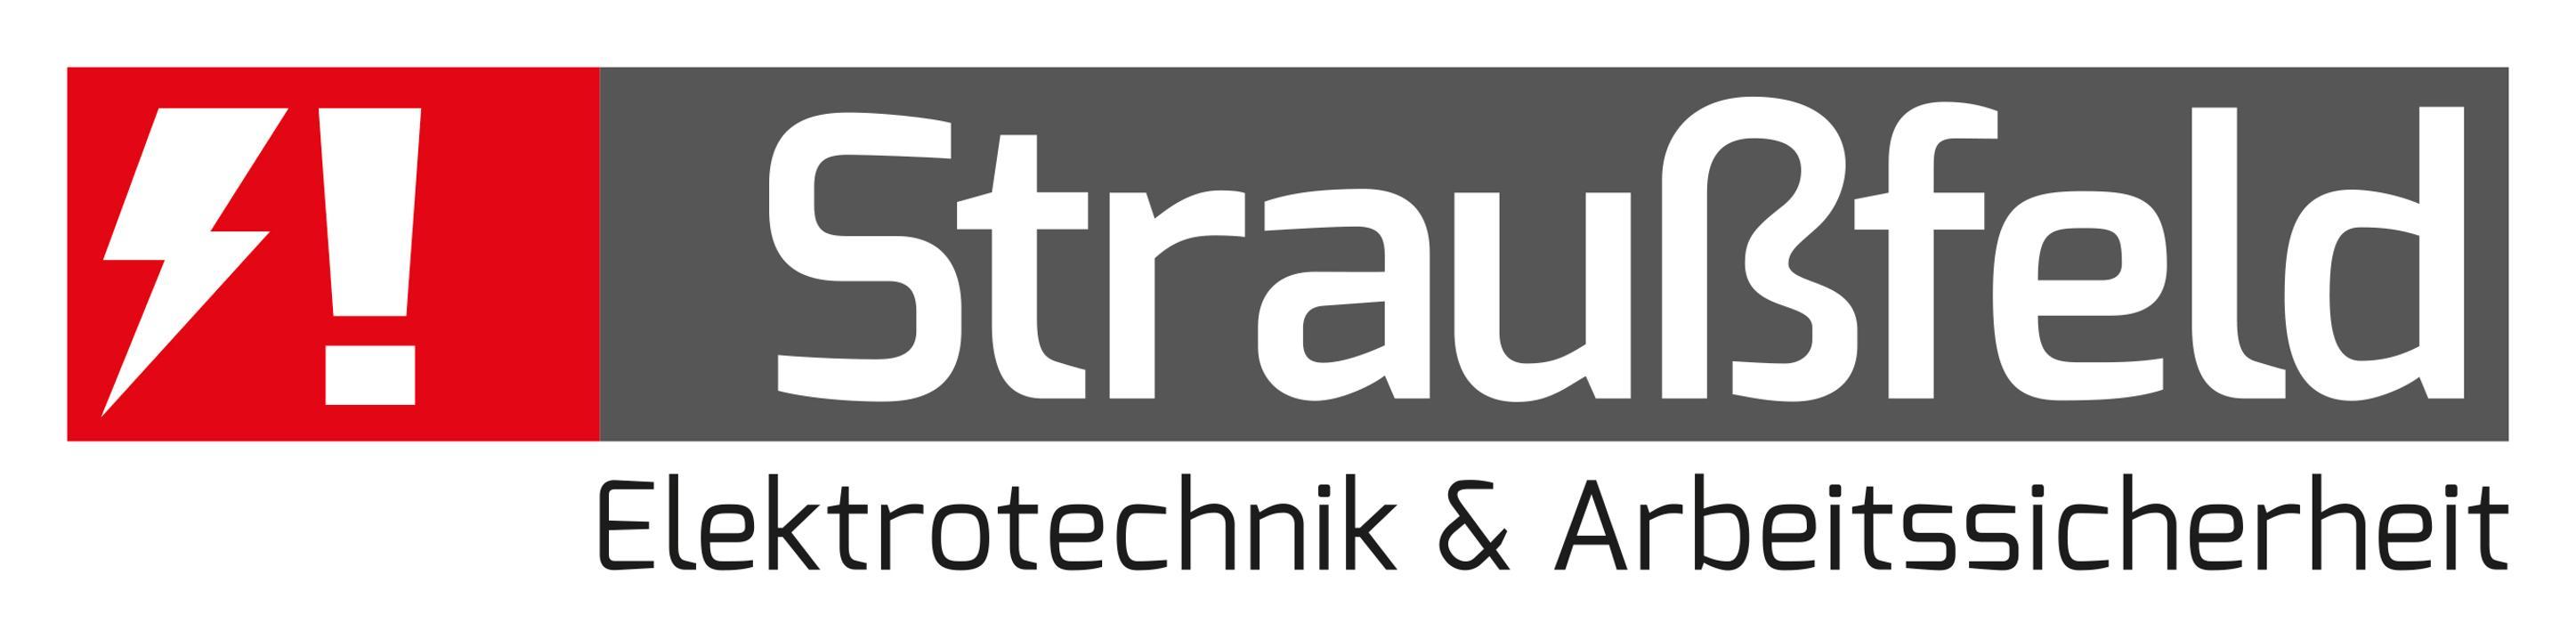 Bild zu Straußfeld Elektrotechnik & Arbeitssicherheit in Unkel